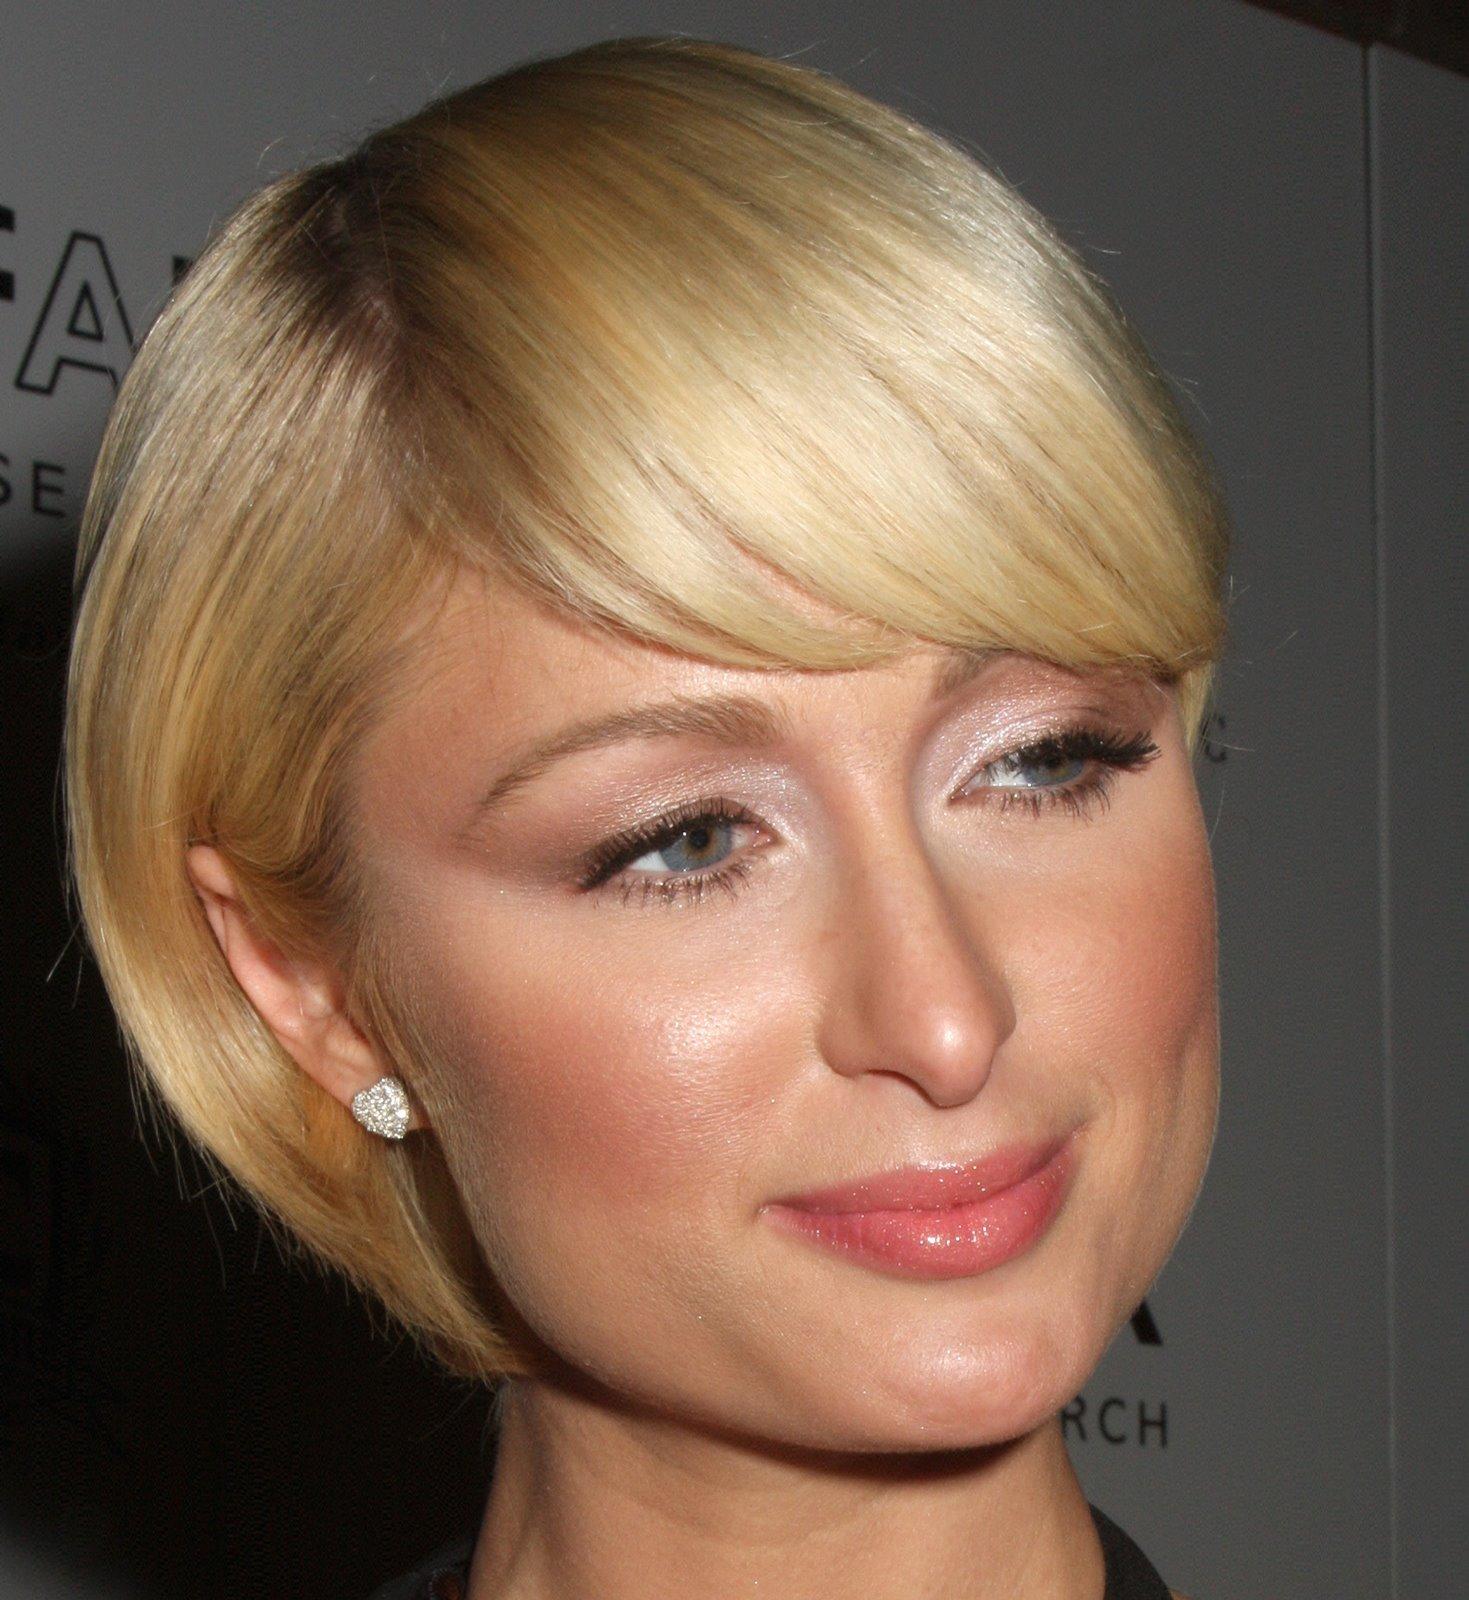 http://1.bp.blogspot.com/-JOb-Ik5Swh0/TgA07Zkq9rI/AAAAAAAACPU/fOrKzQseolI/s1600/Square-Face-Shape-Hairstyles-2011-.jpg